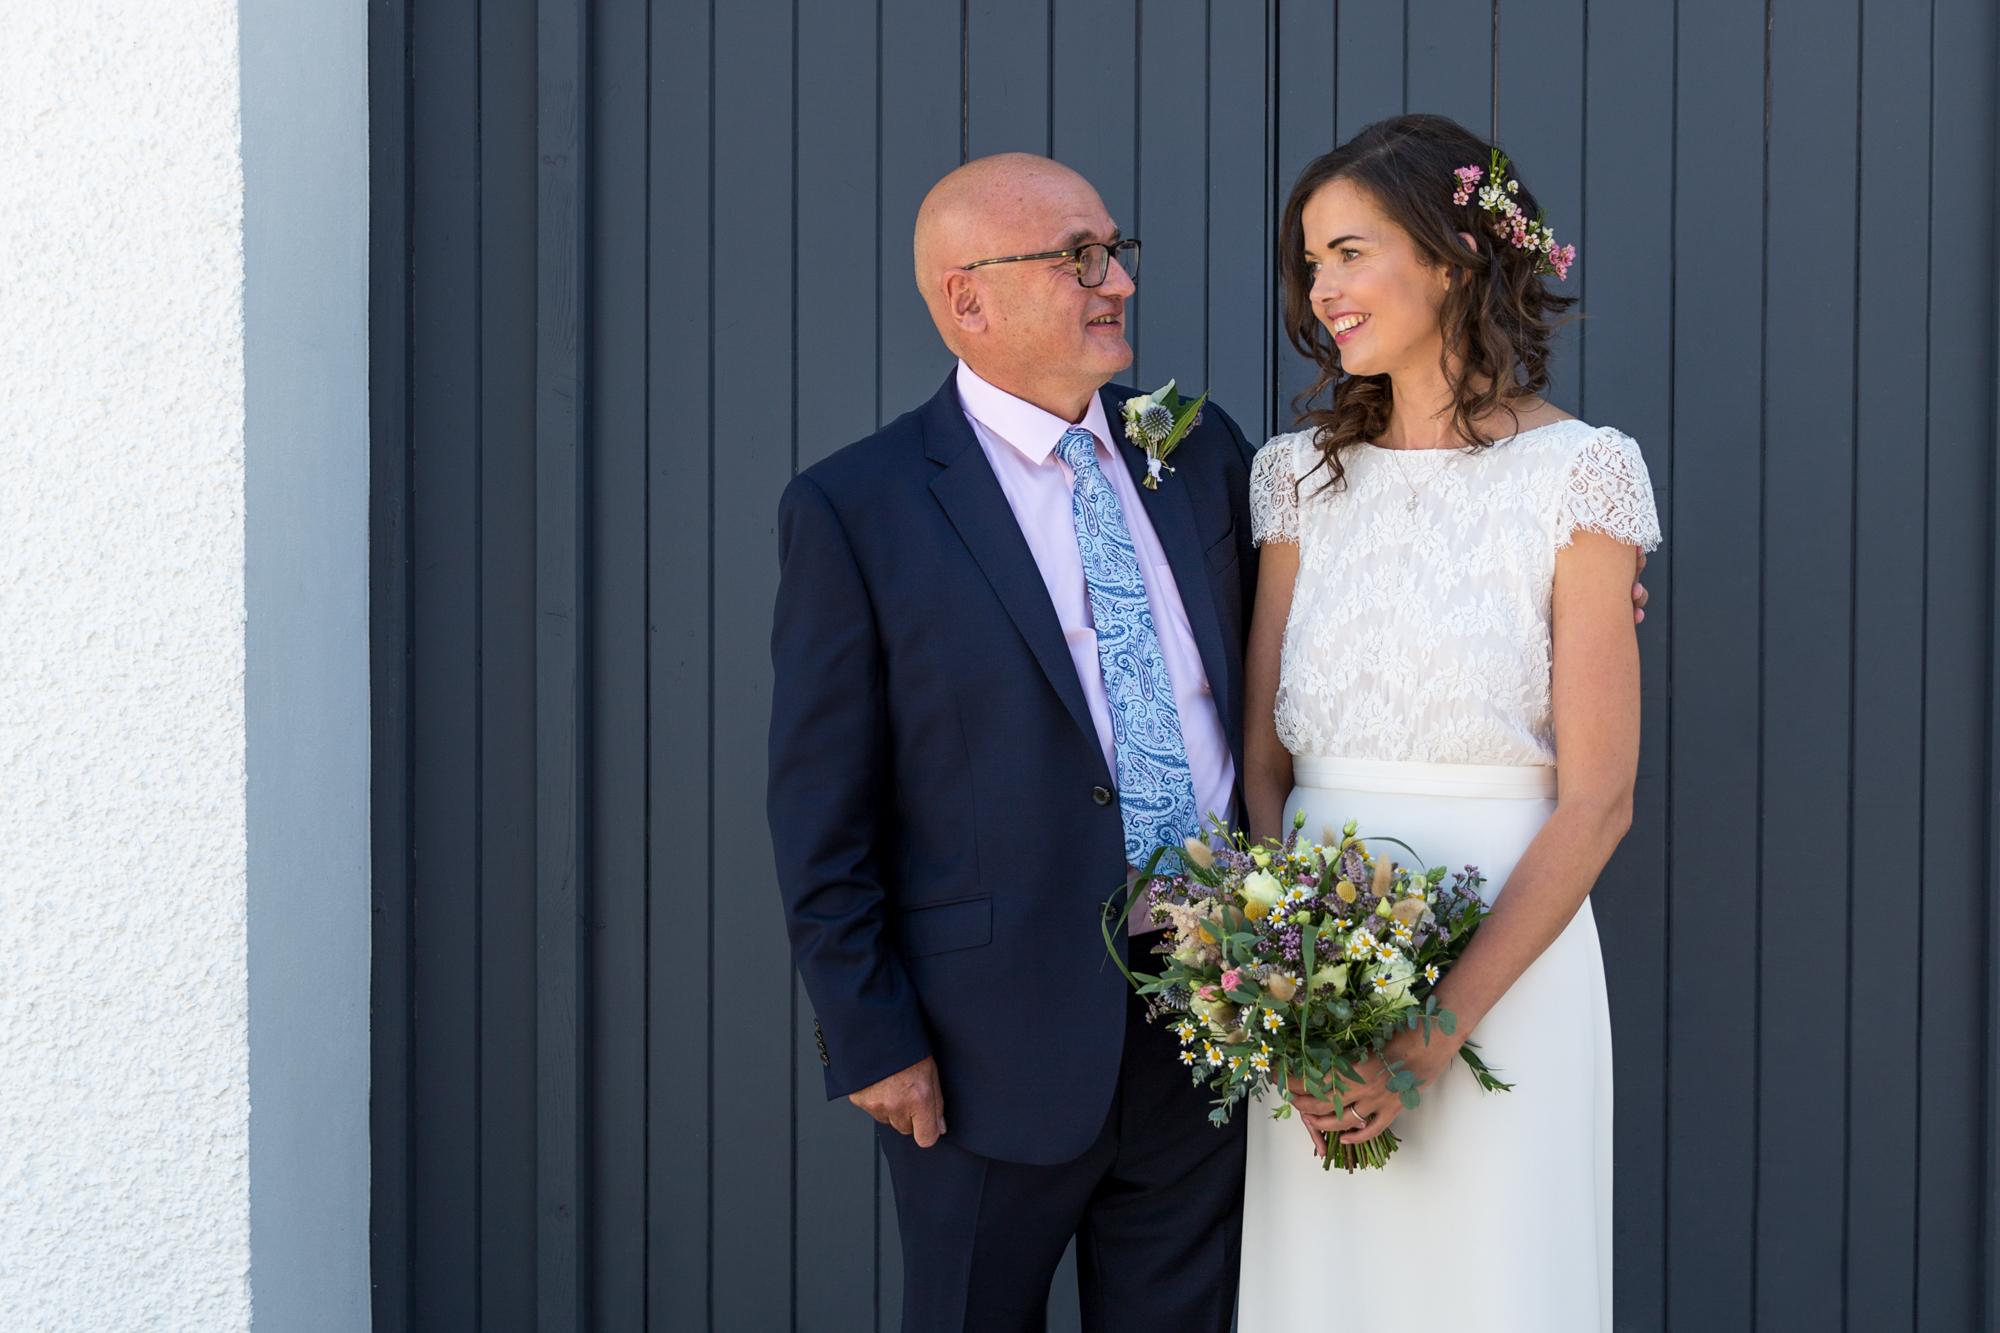 Llechwen Hall wedding photographer